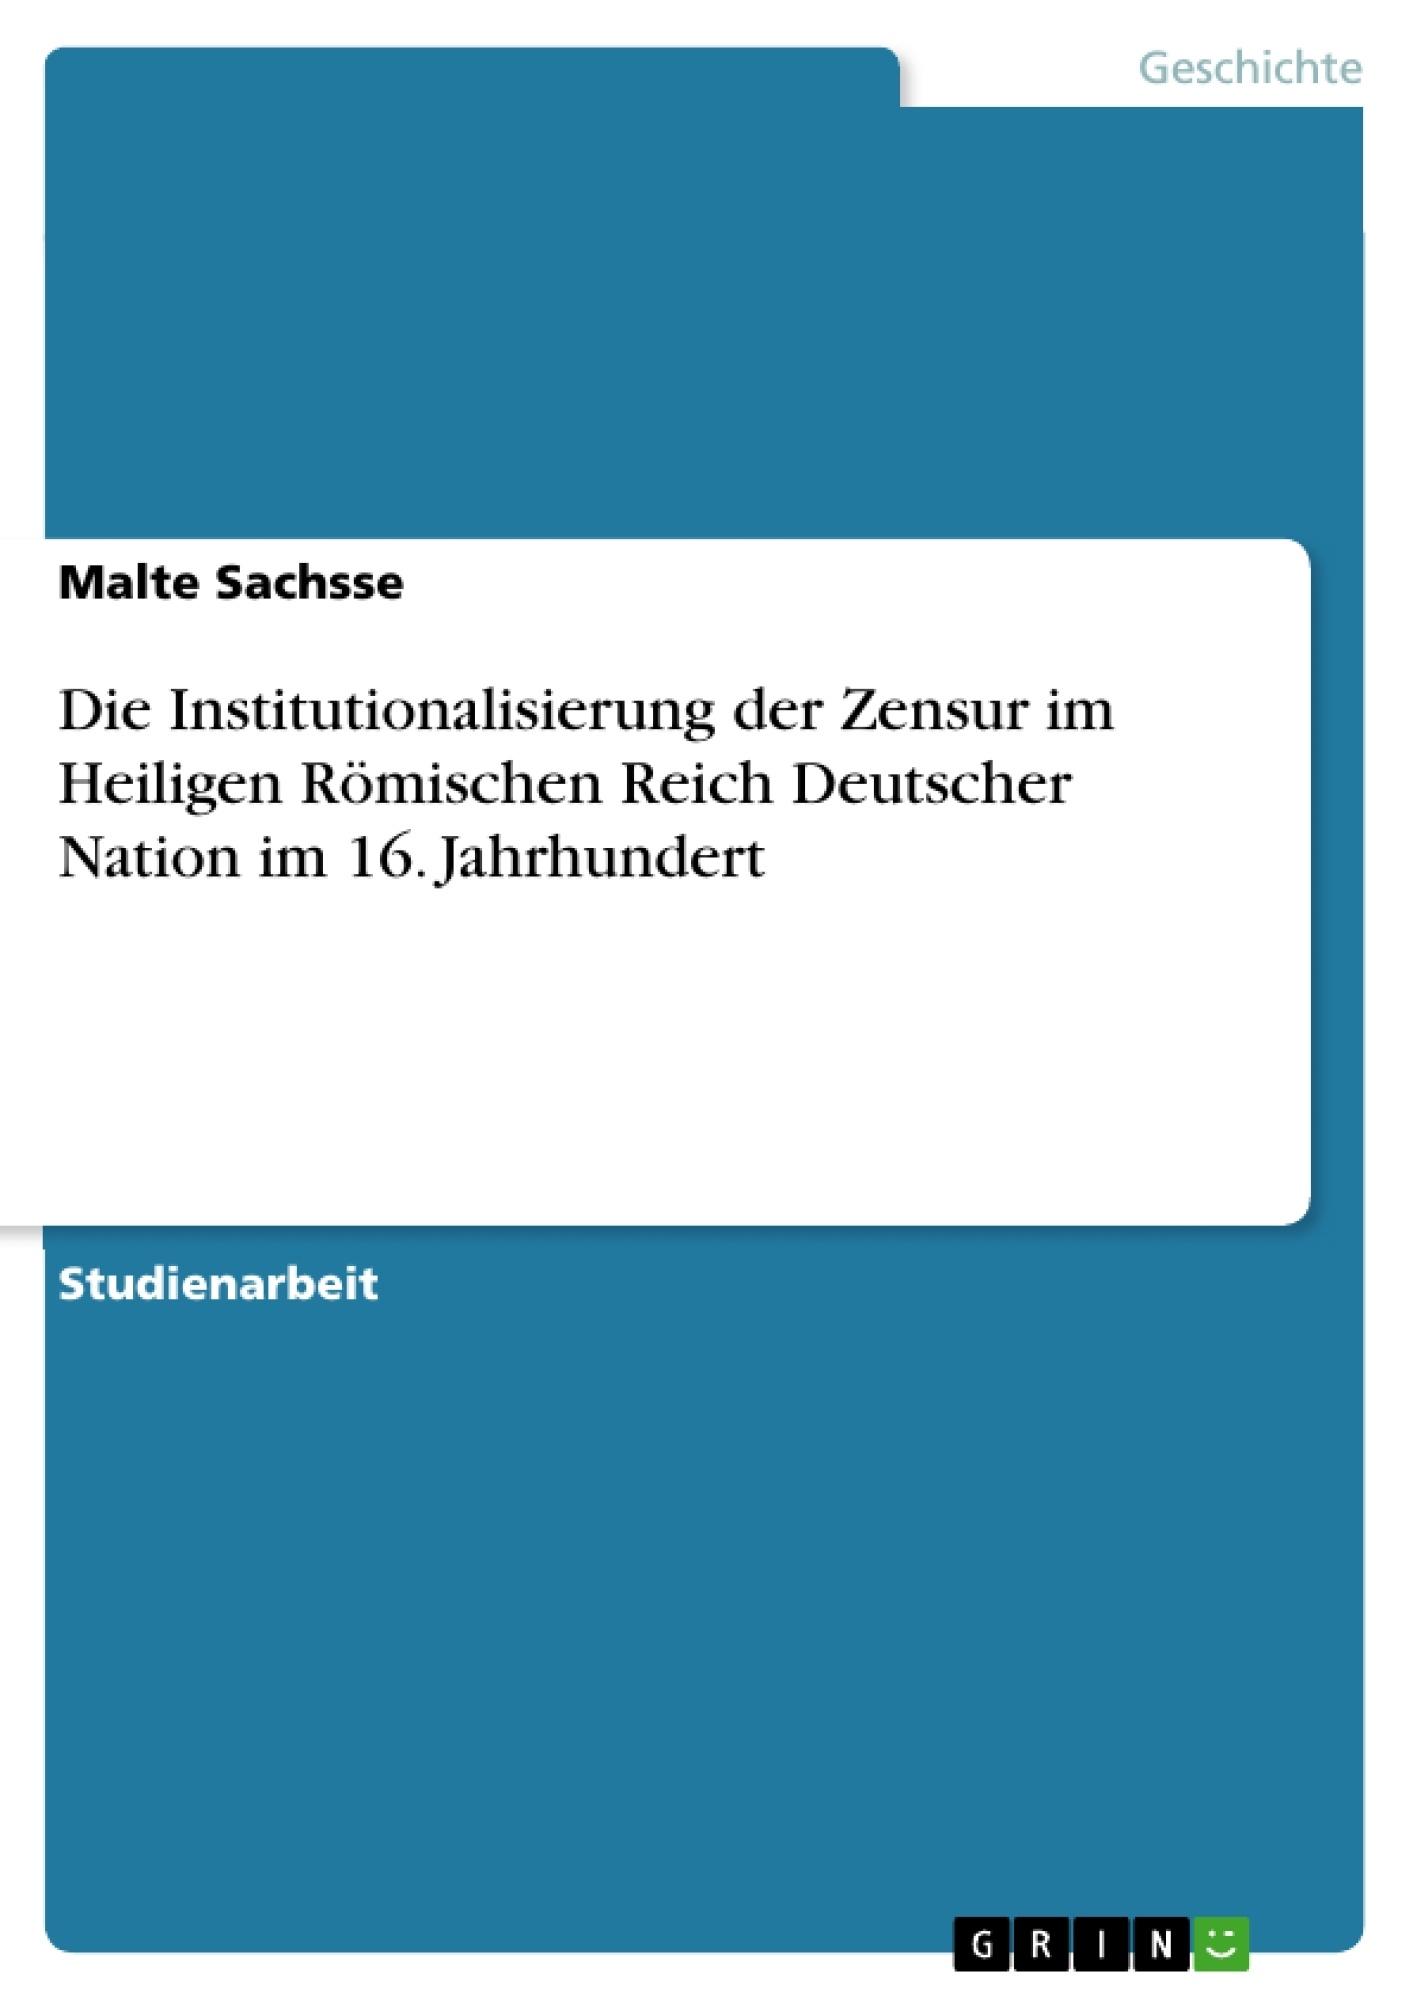 Titel: Die Institutionalisierung der Zensur im Heiligen Römischen Reich Deutscher Nation im 16. Jahrhundert